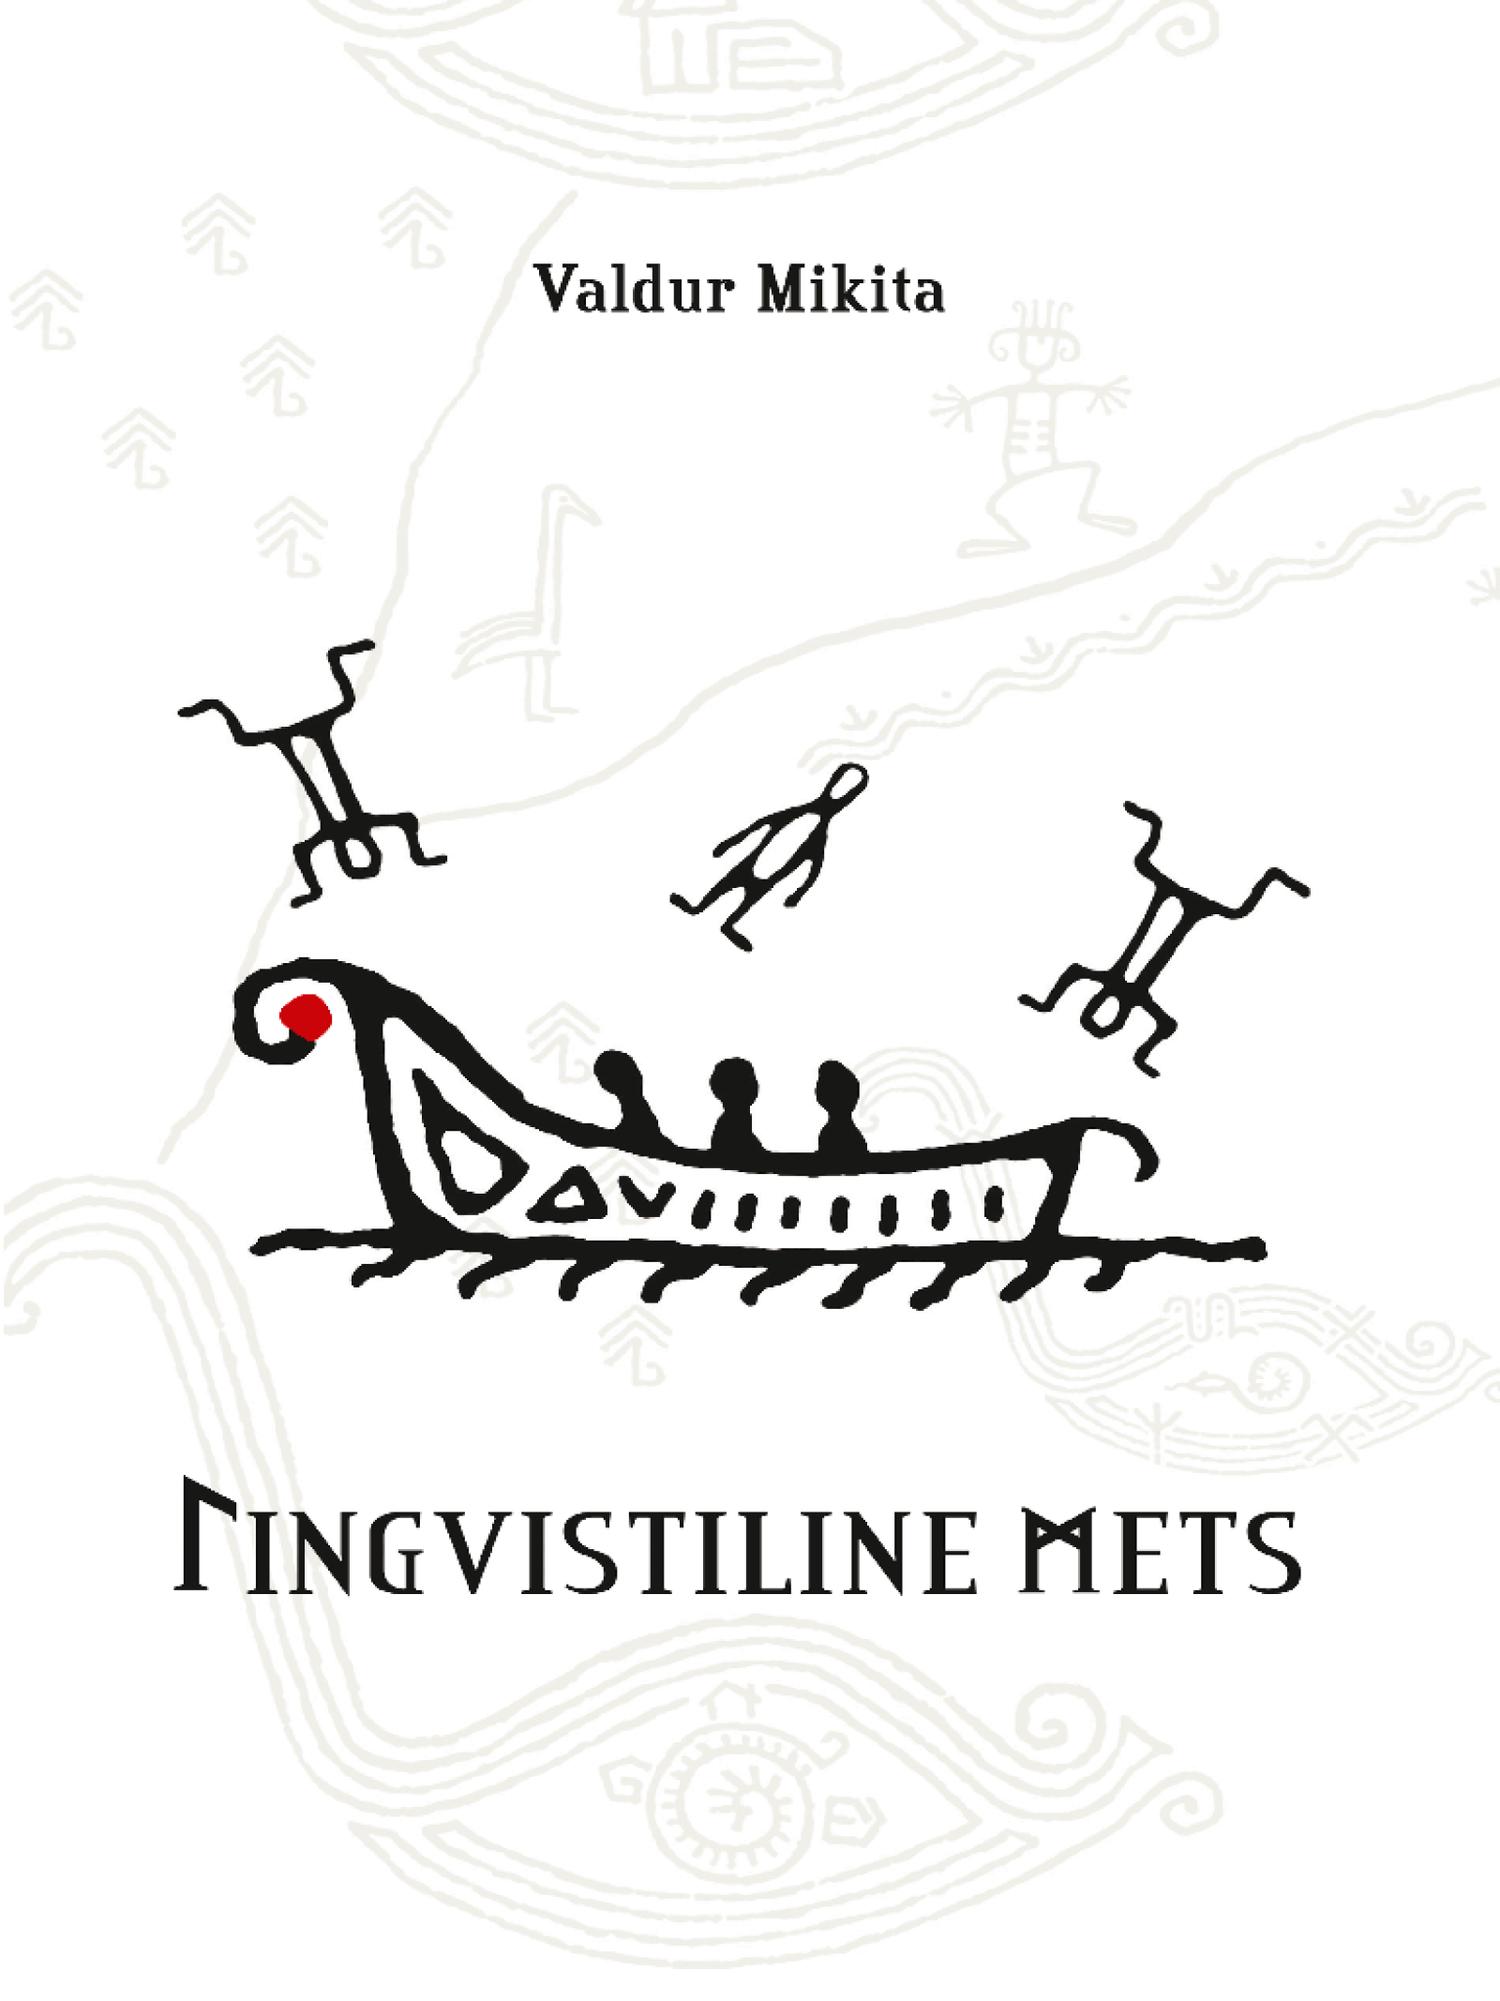 Valdur Mikita. Lingvistiline mets